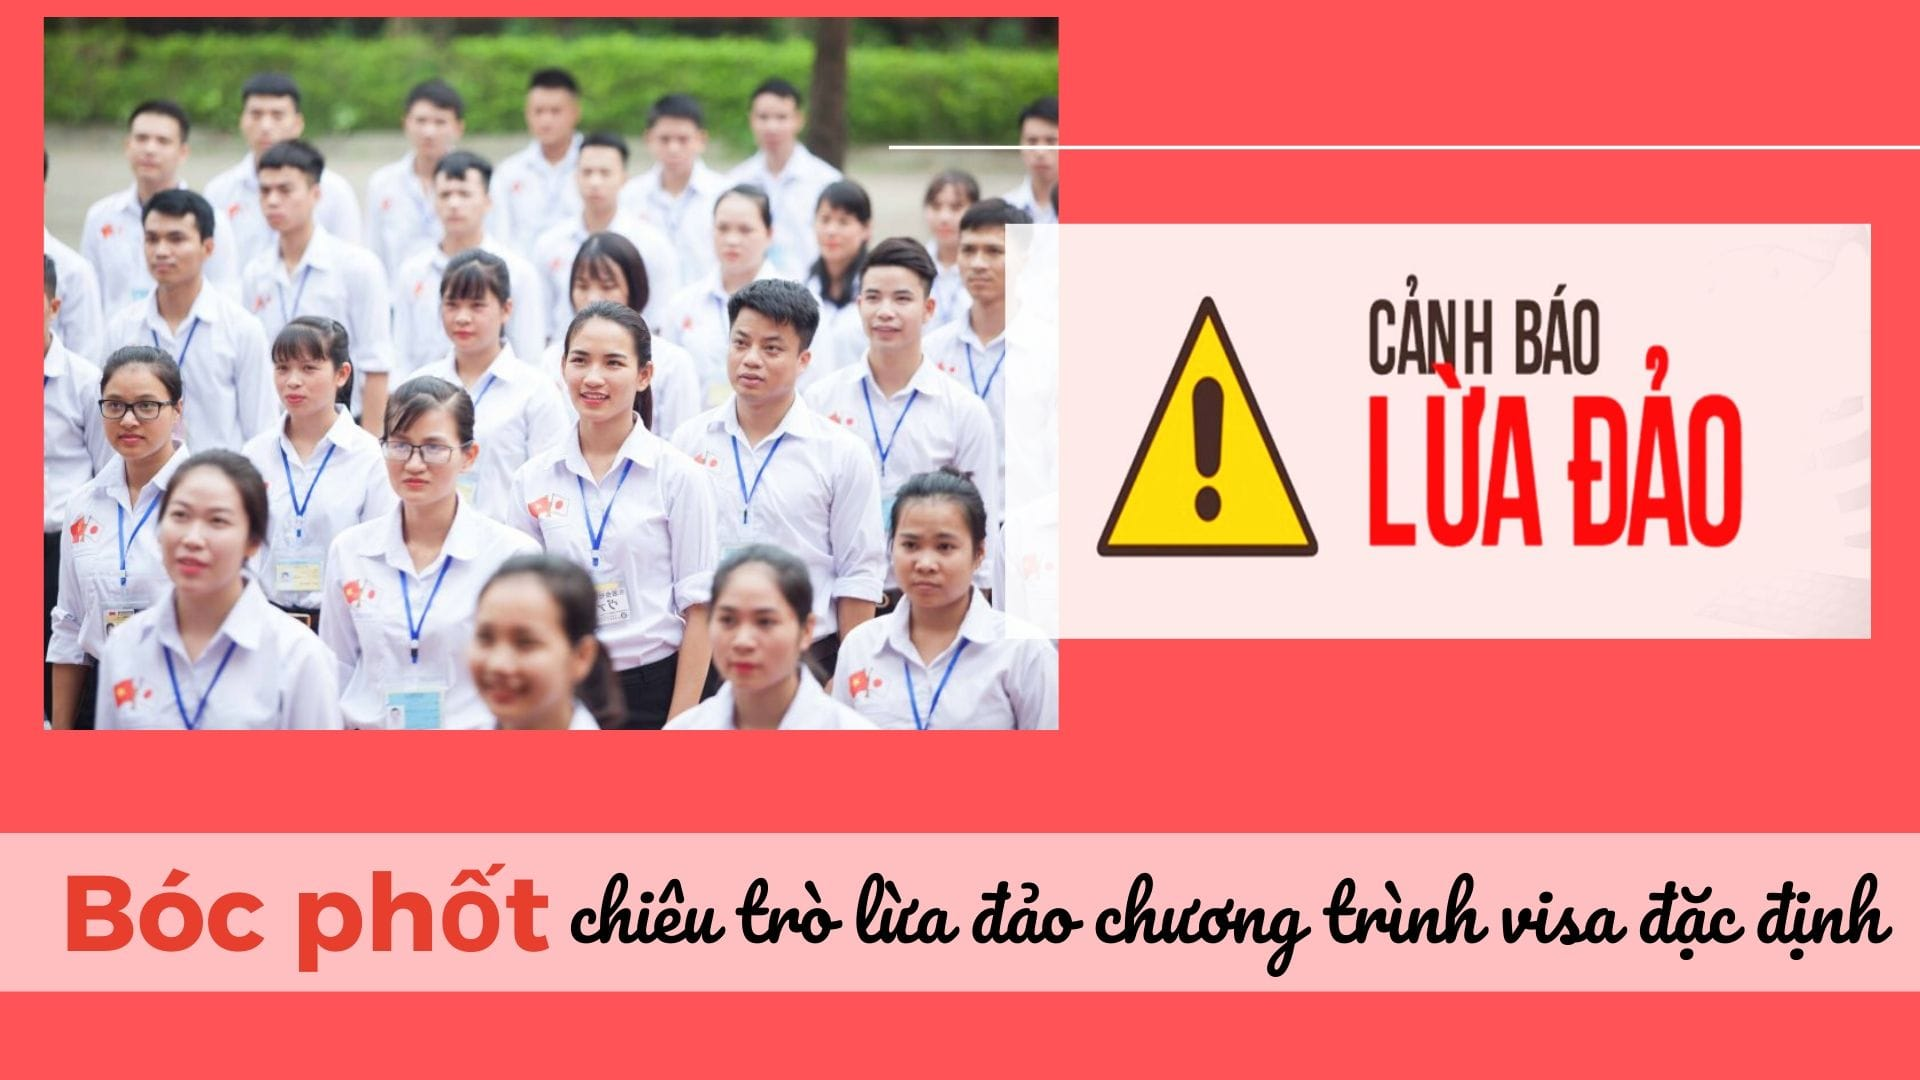 Bóc phốt các hình thức LỪA ĐẢO chương trình visa kỹ năng đặc định tại Việt Nam